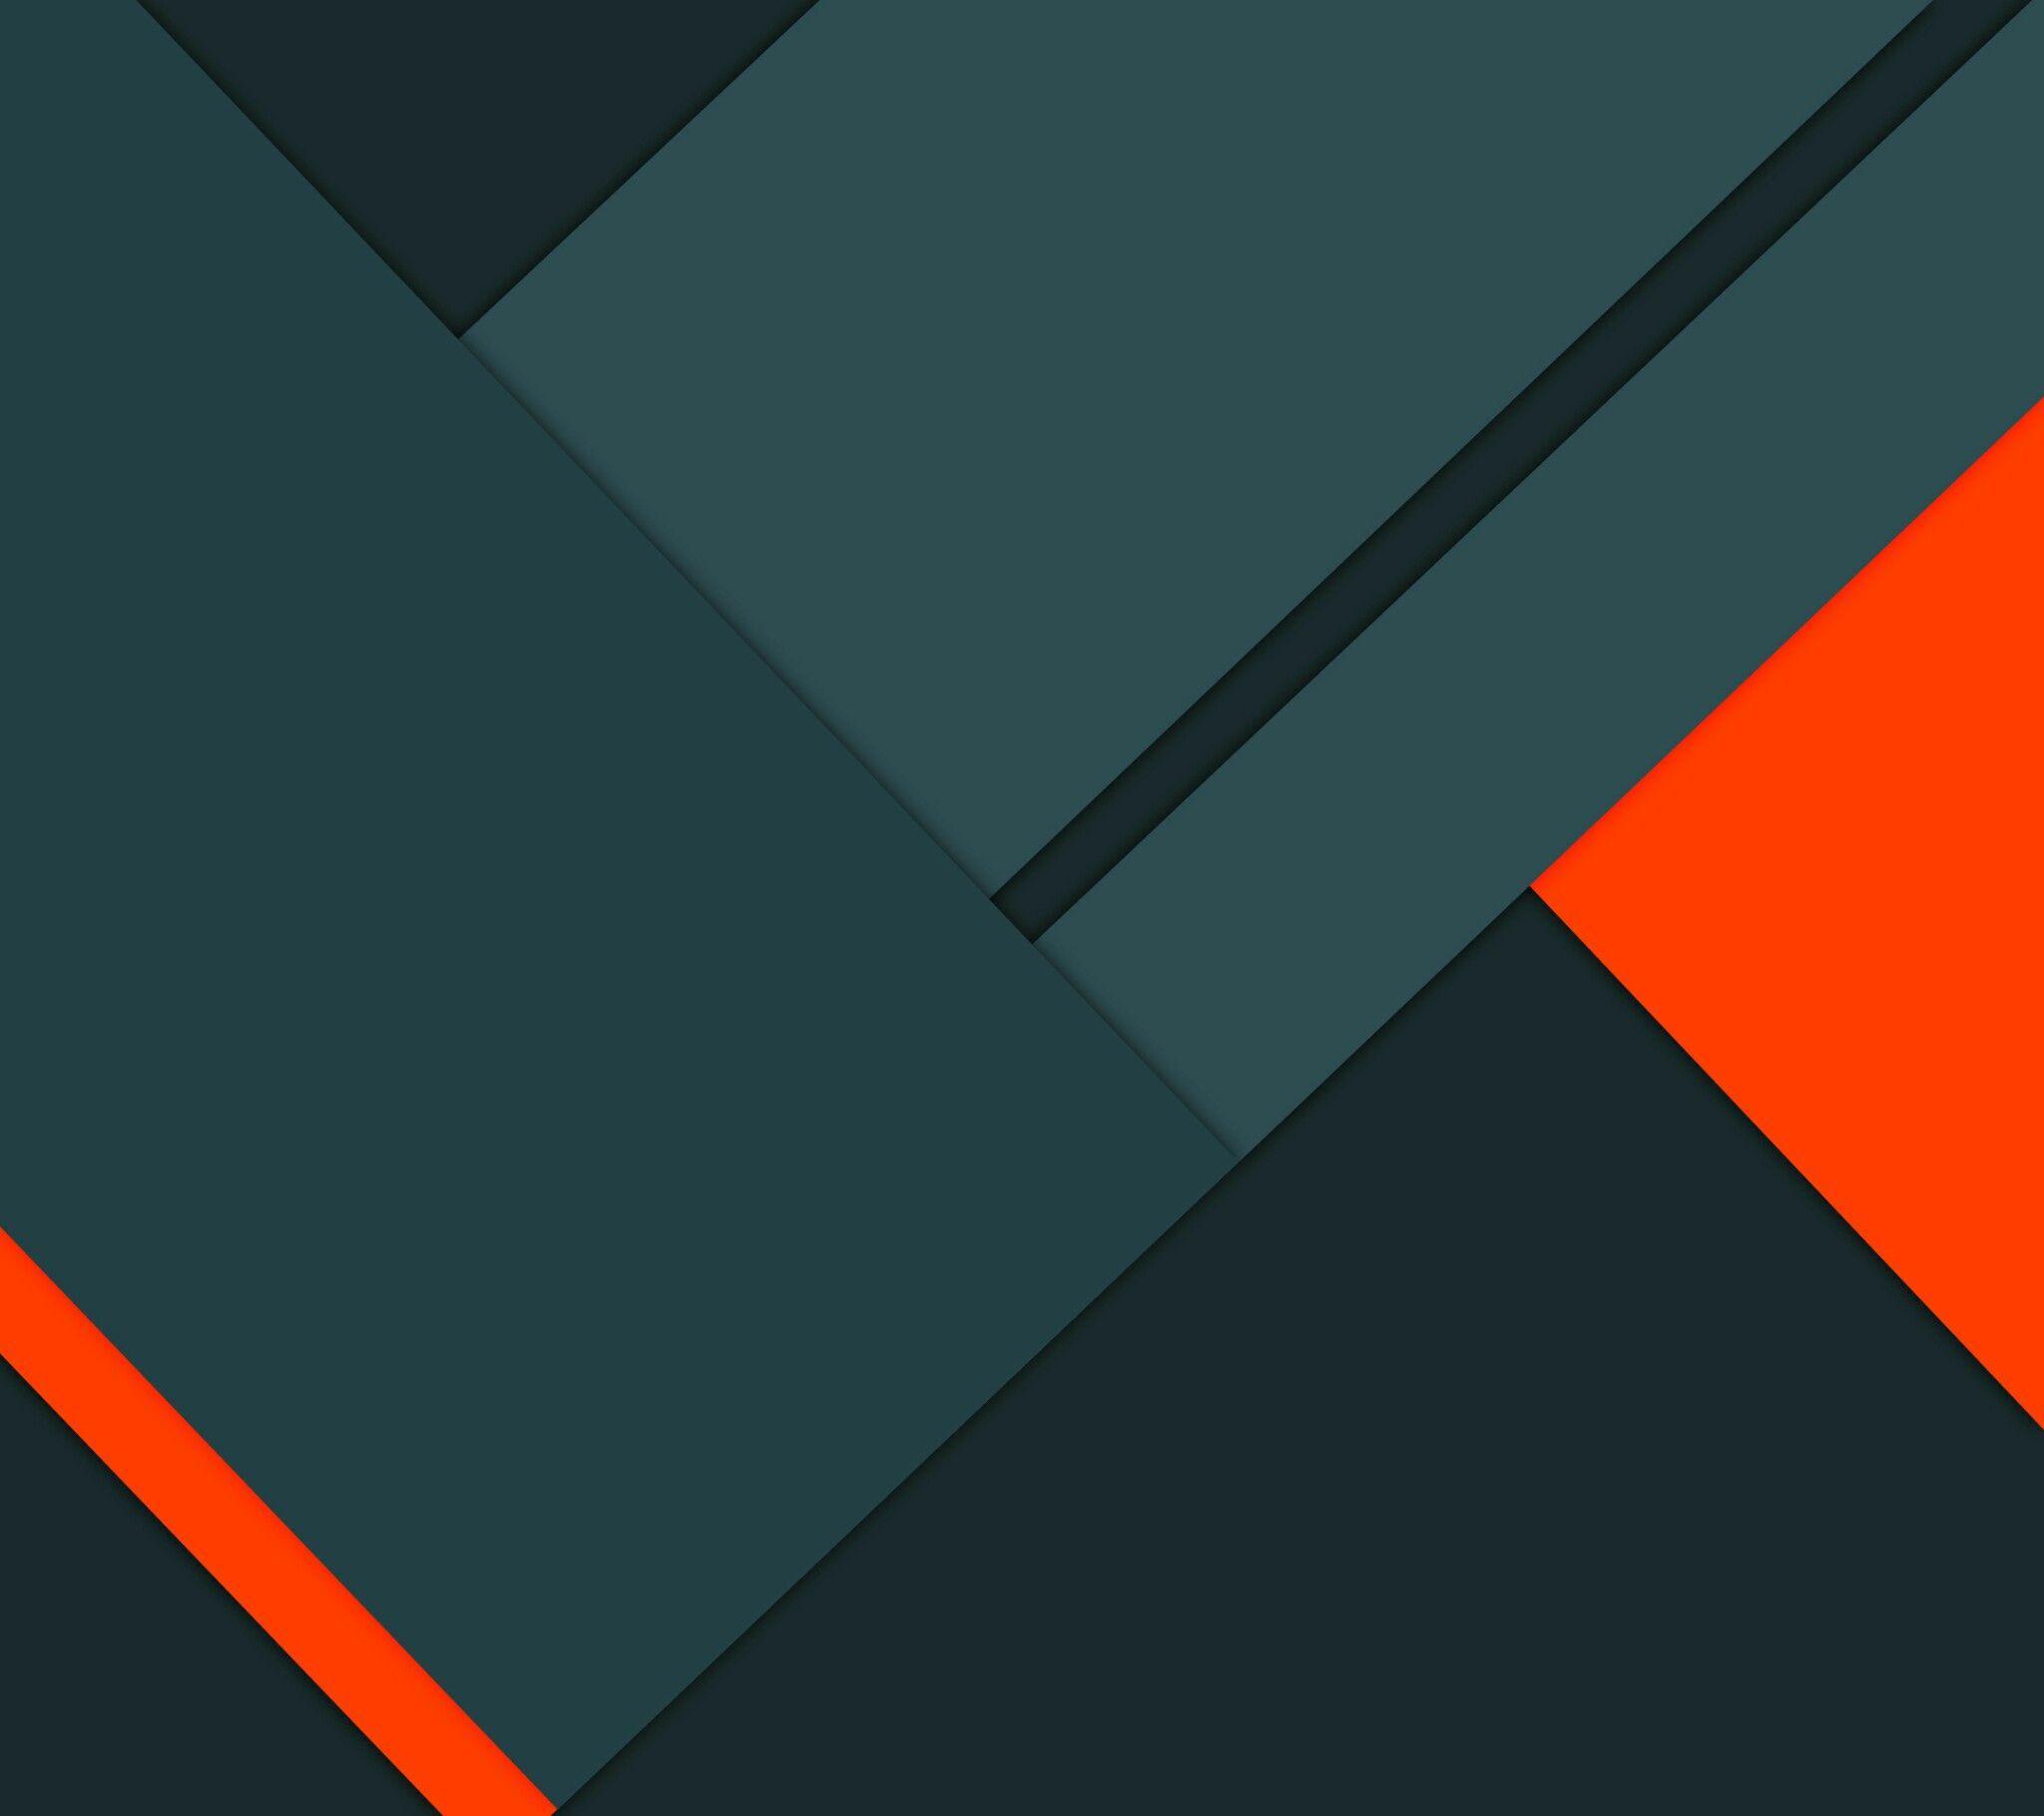 Material Design Wallpapers Top Free Material Design